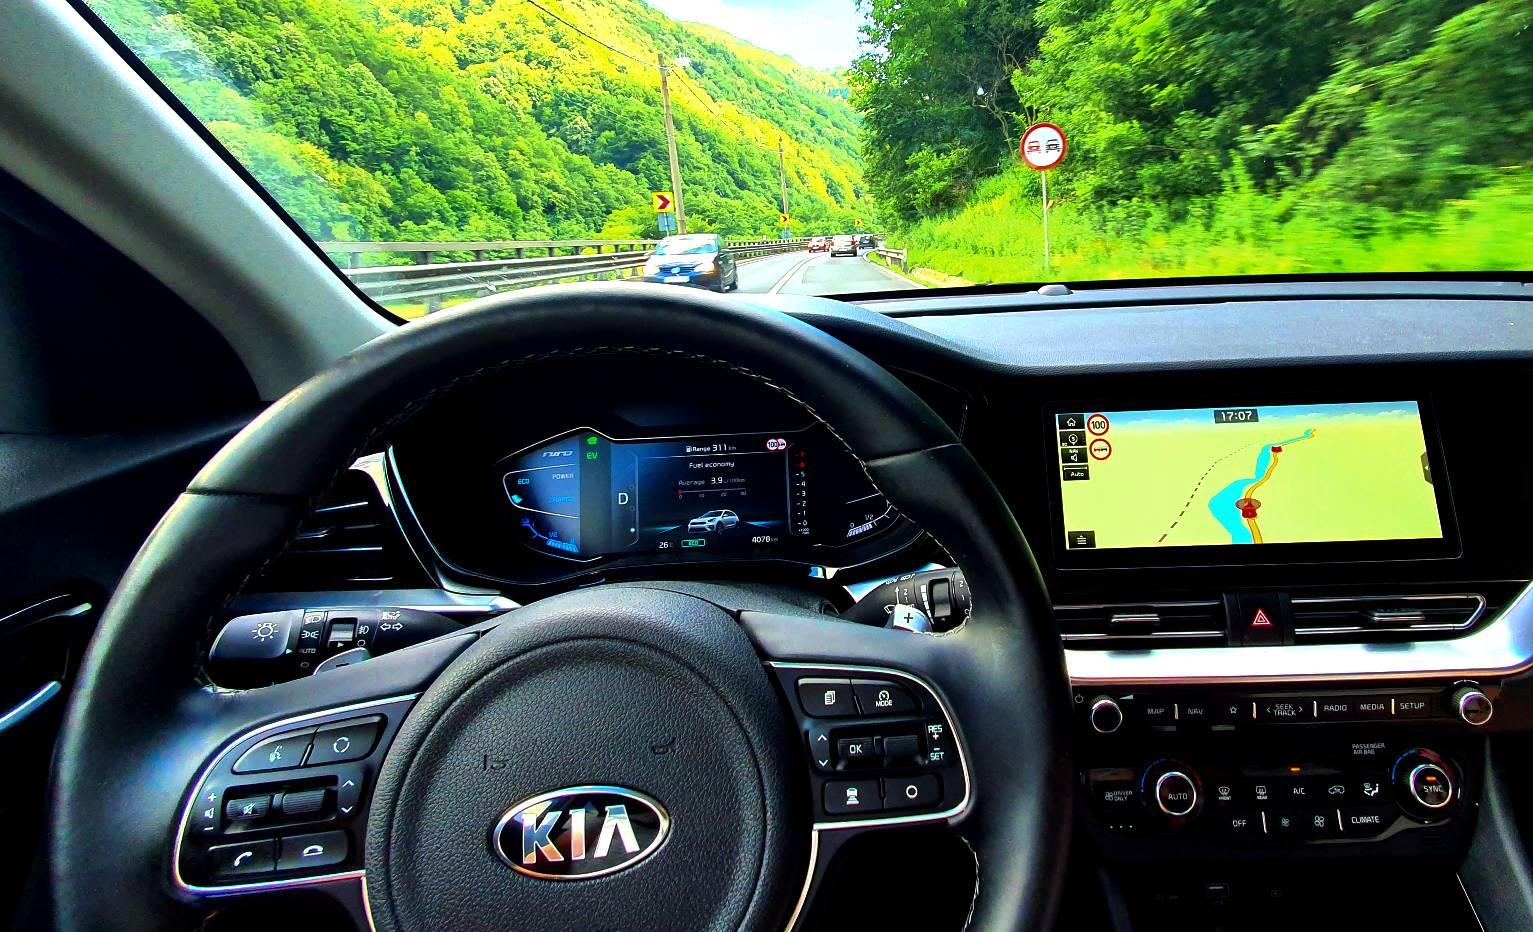 KIA Niro Hybrid 1.6 GDI HEV 6DCT Comfort 2021, teste auto, autolaetst, review KIA Niro Hybrid 1.6 GDI HEV 6DCT Comfort 2021, consum real KIA Niro Hybrid 1.6 GDI HEV 6DCT Comfort 2021, kia blog, fuel consumption kia niro 2021, date tehnice